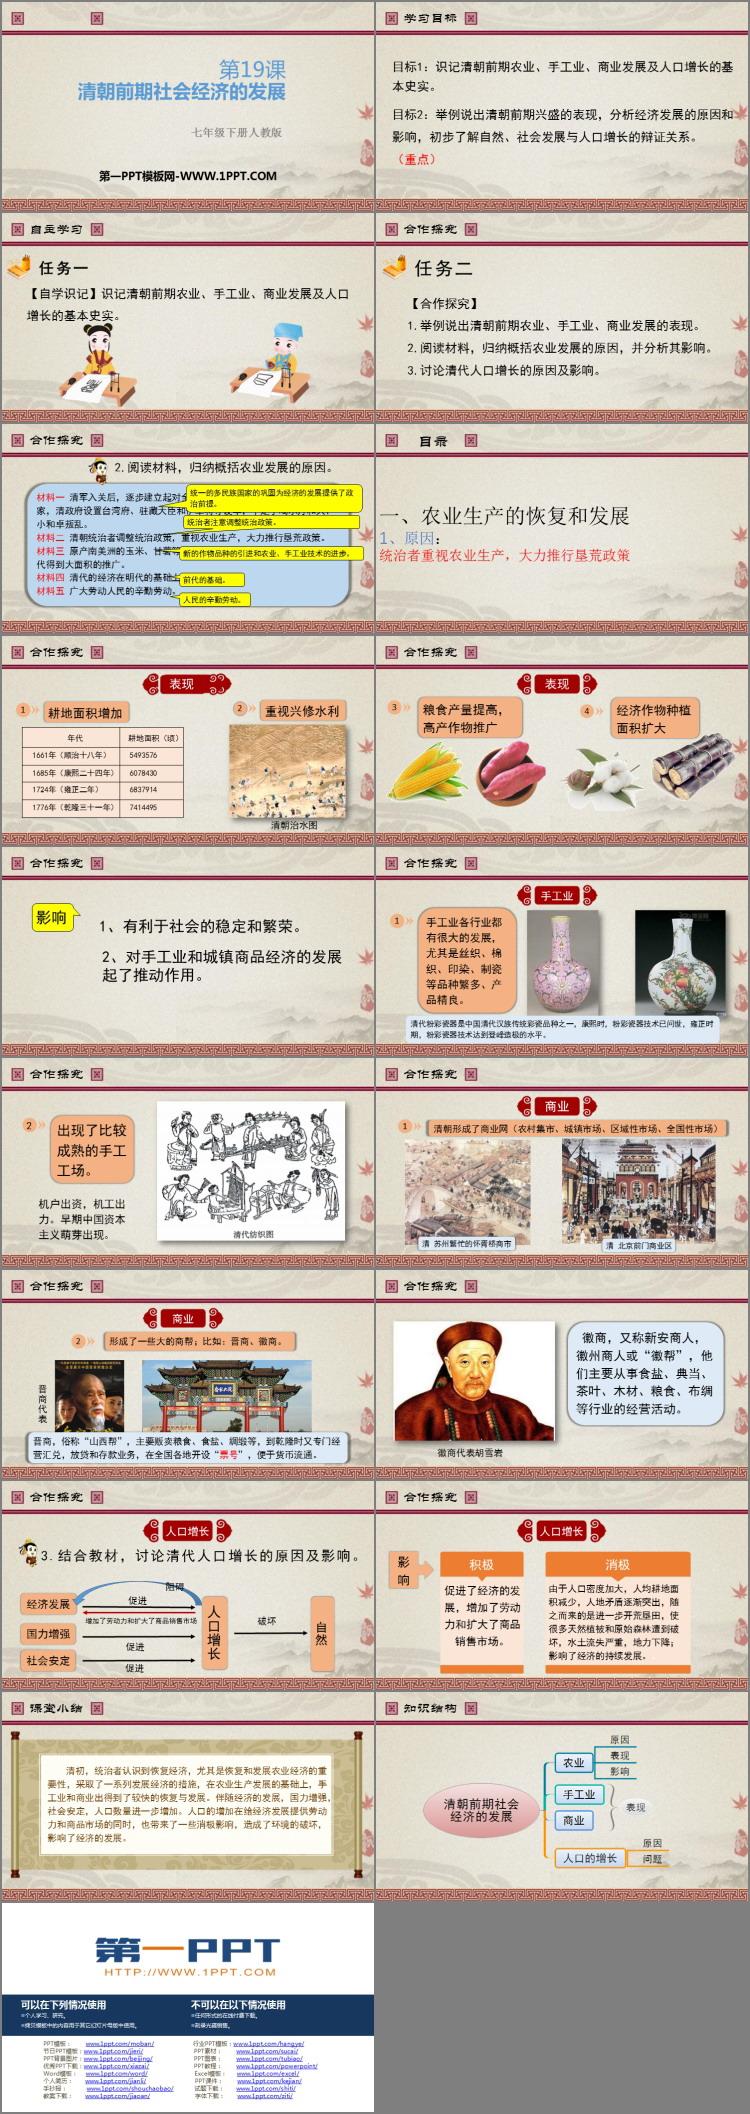 《清朝前期社会经济的发展》PPT课件下载